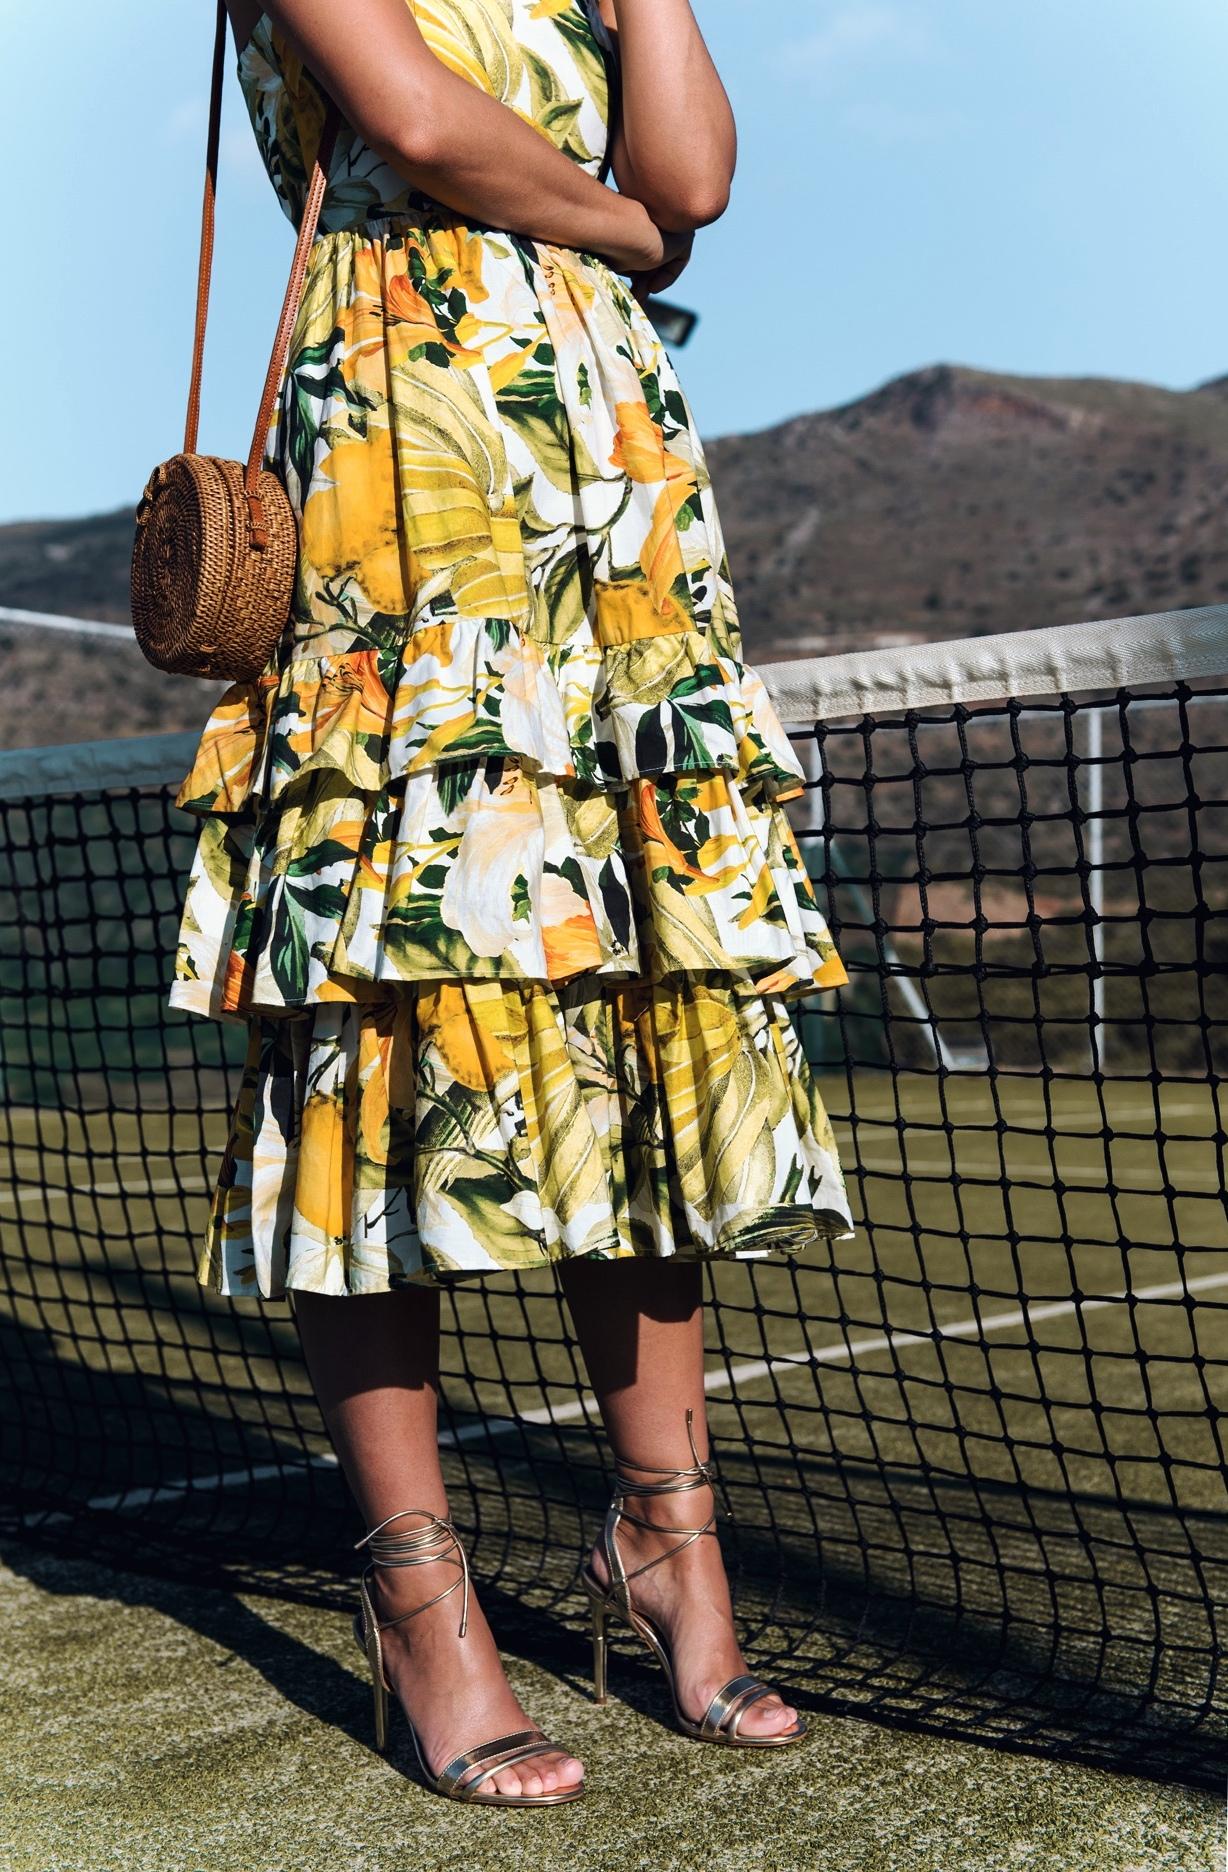 nina-schwichtenberg-foto-shooting-tennisplatz-fashiioncarpet